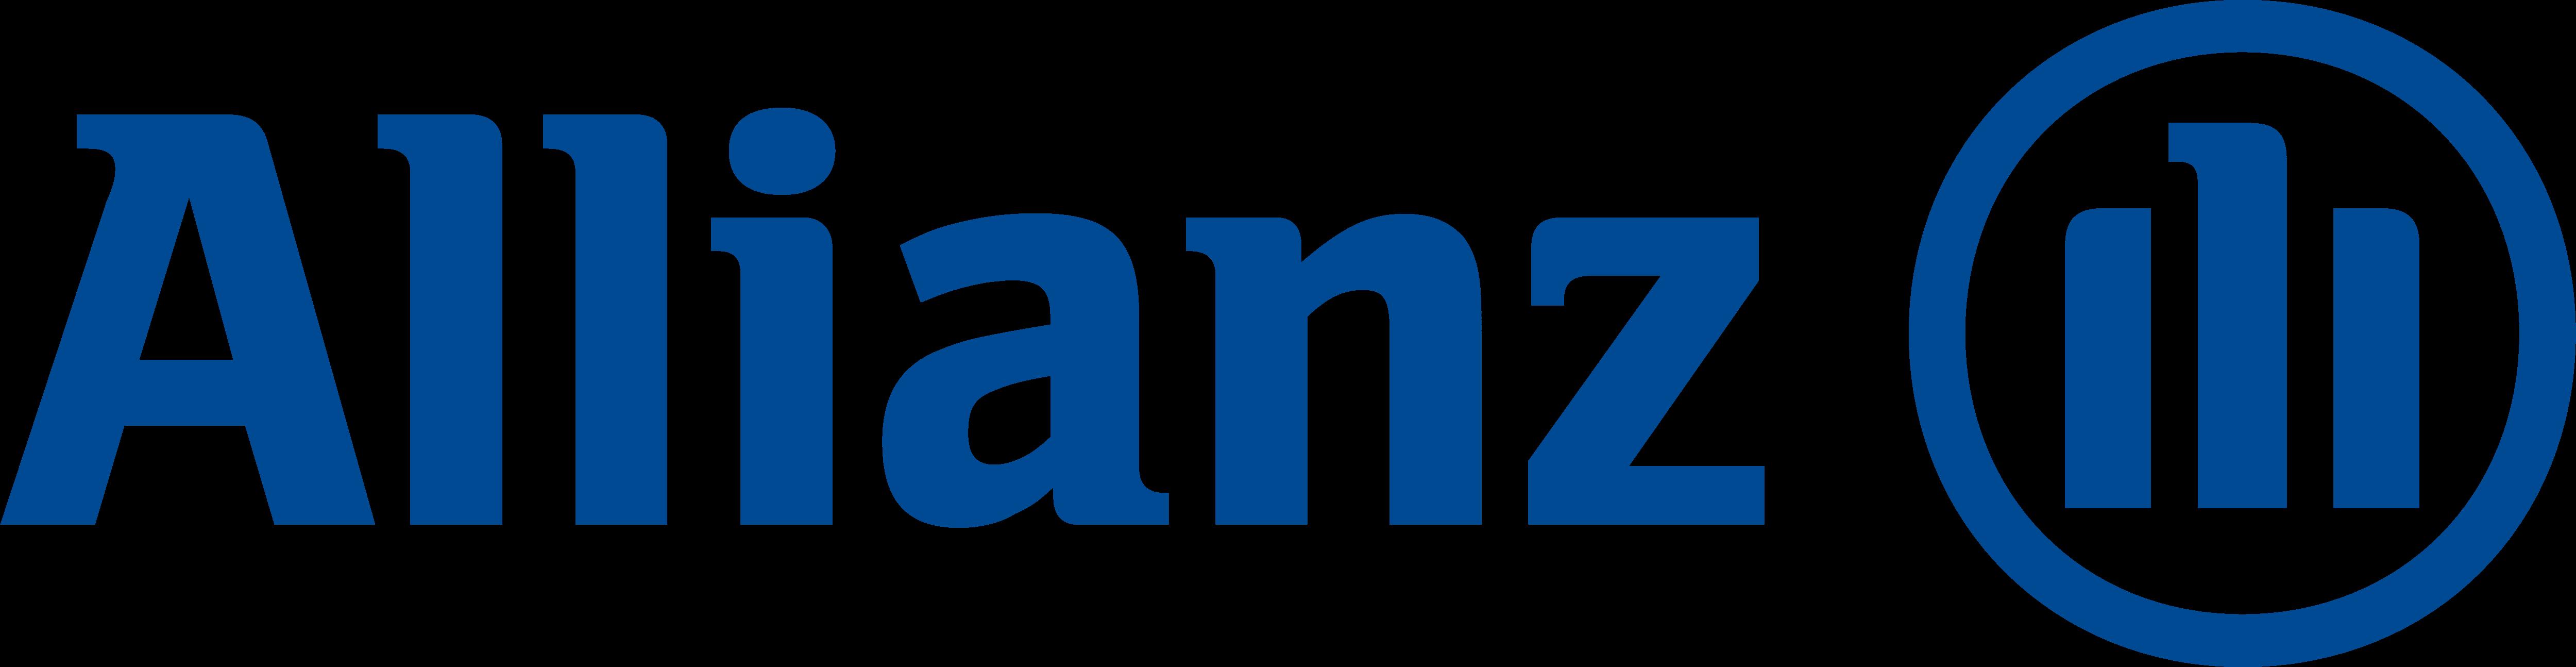 Teléfonos Allianz